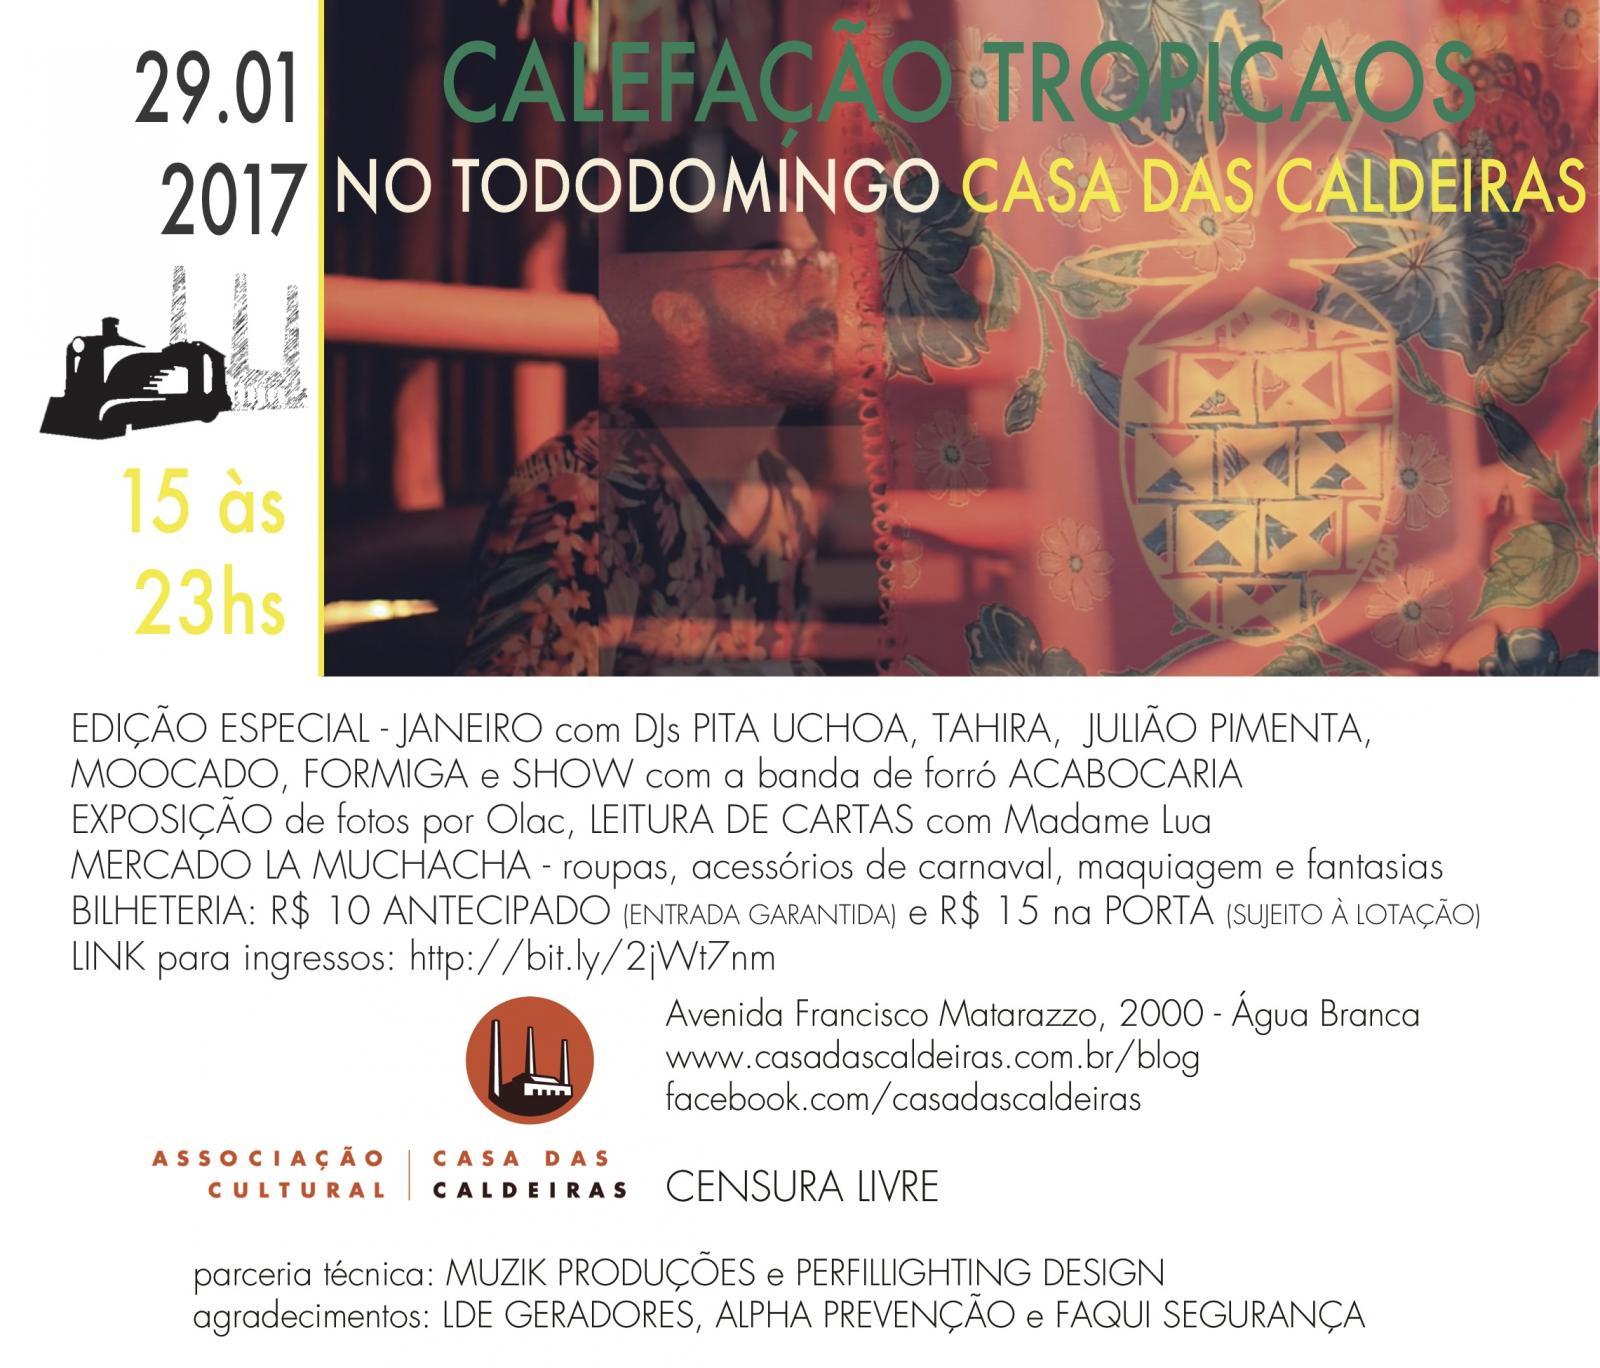 TODODOMINGO ESPECIAL - JAN 2017